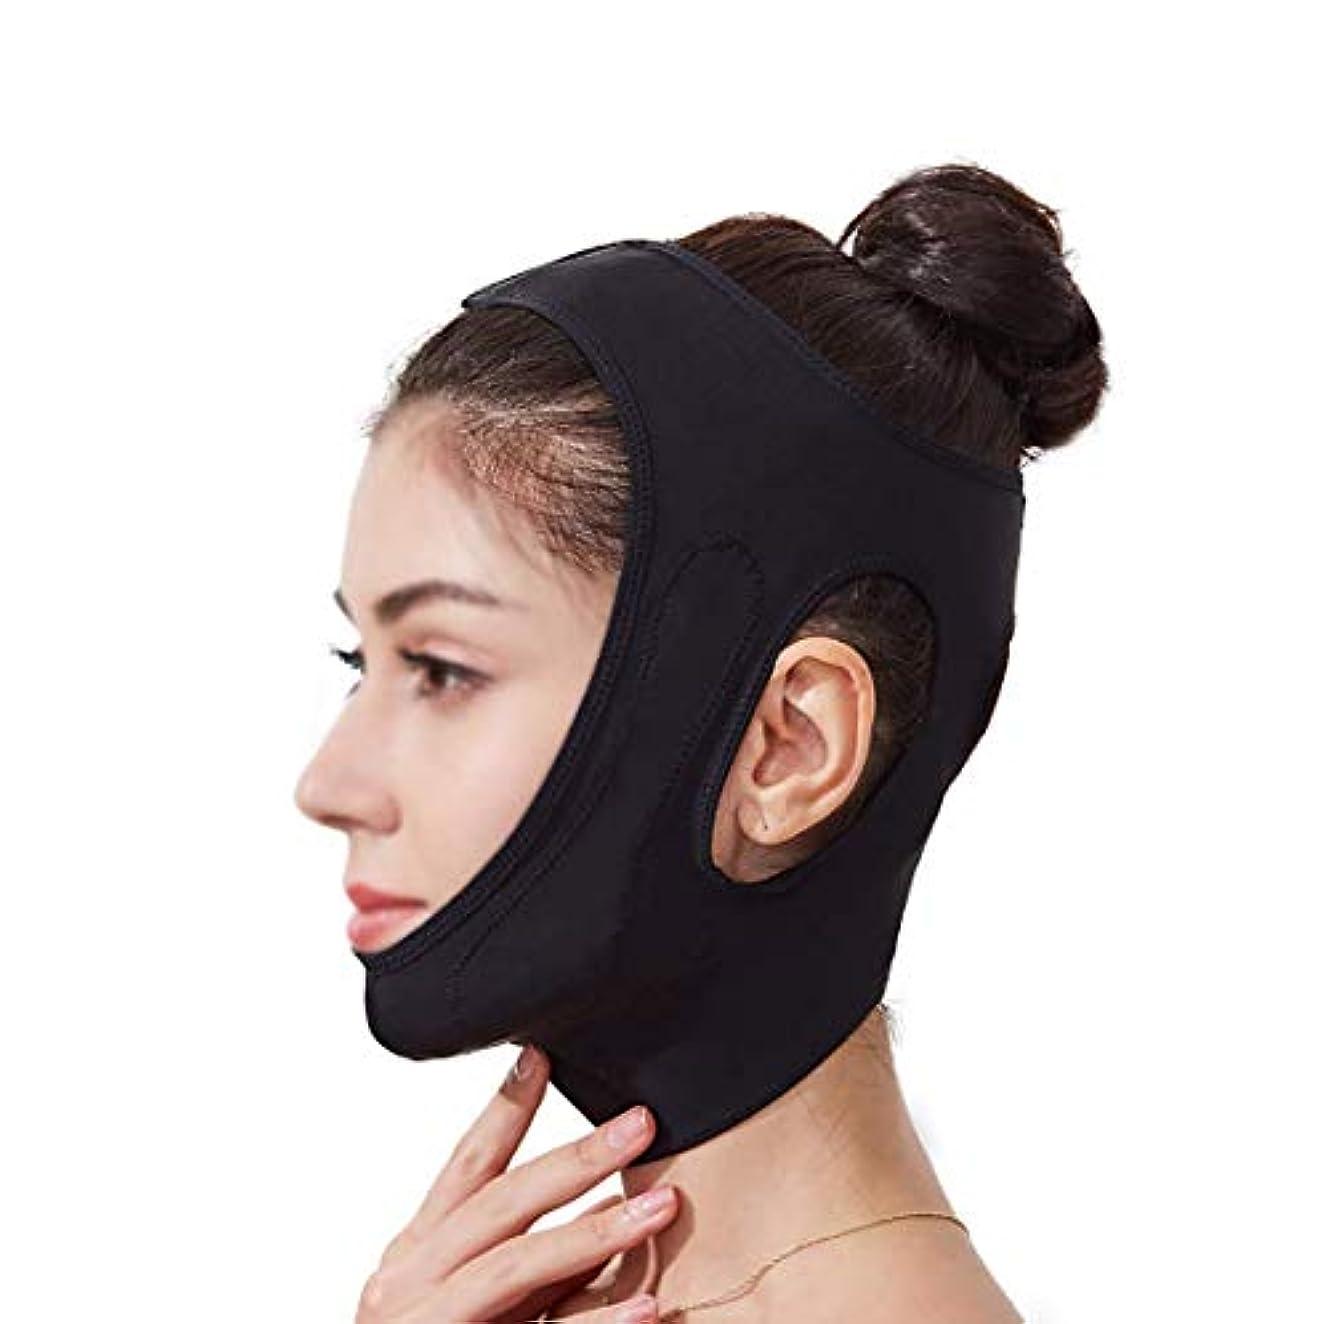 カレンダーベッドを作るホイッスルフェイスリフティングマスク、360°オールラウンドリフティングフェイシャルコンター、あごを閉じて肌を引き締め、快適でフェイスライトをサポートし、通気性を保ちます(サイズ:ブラック),ブラック